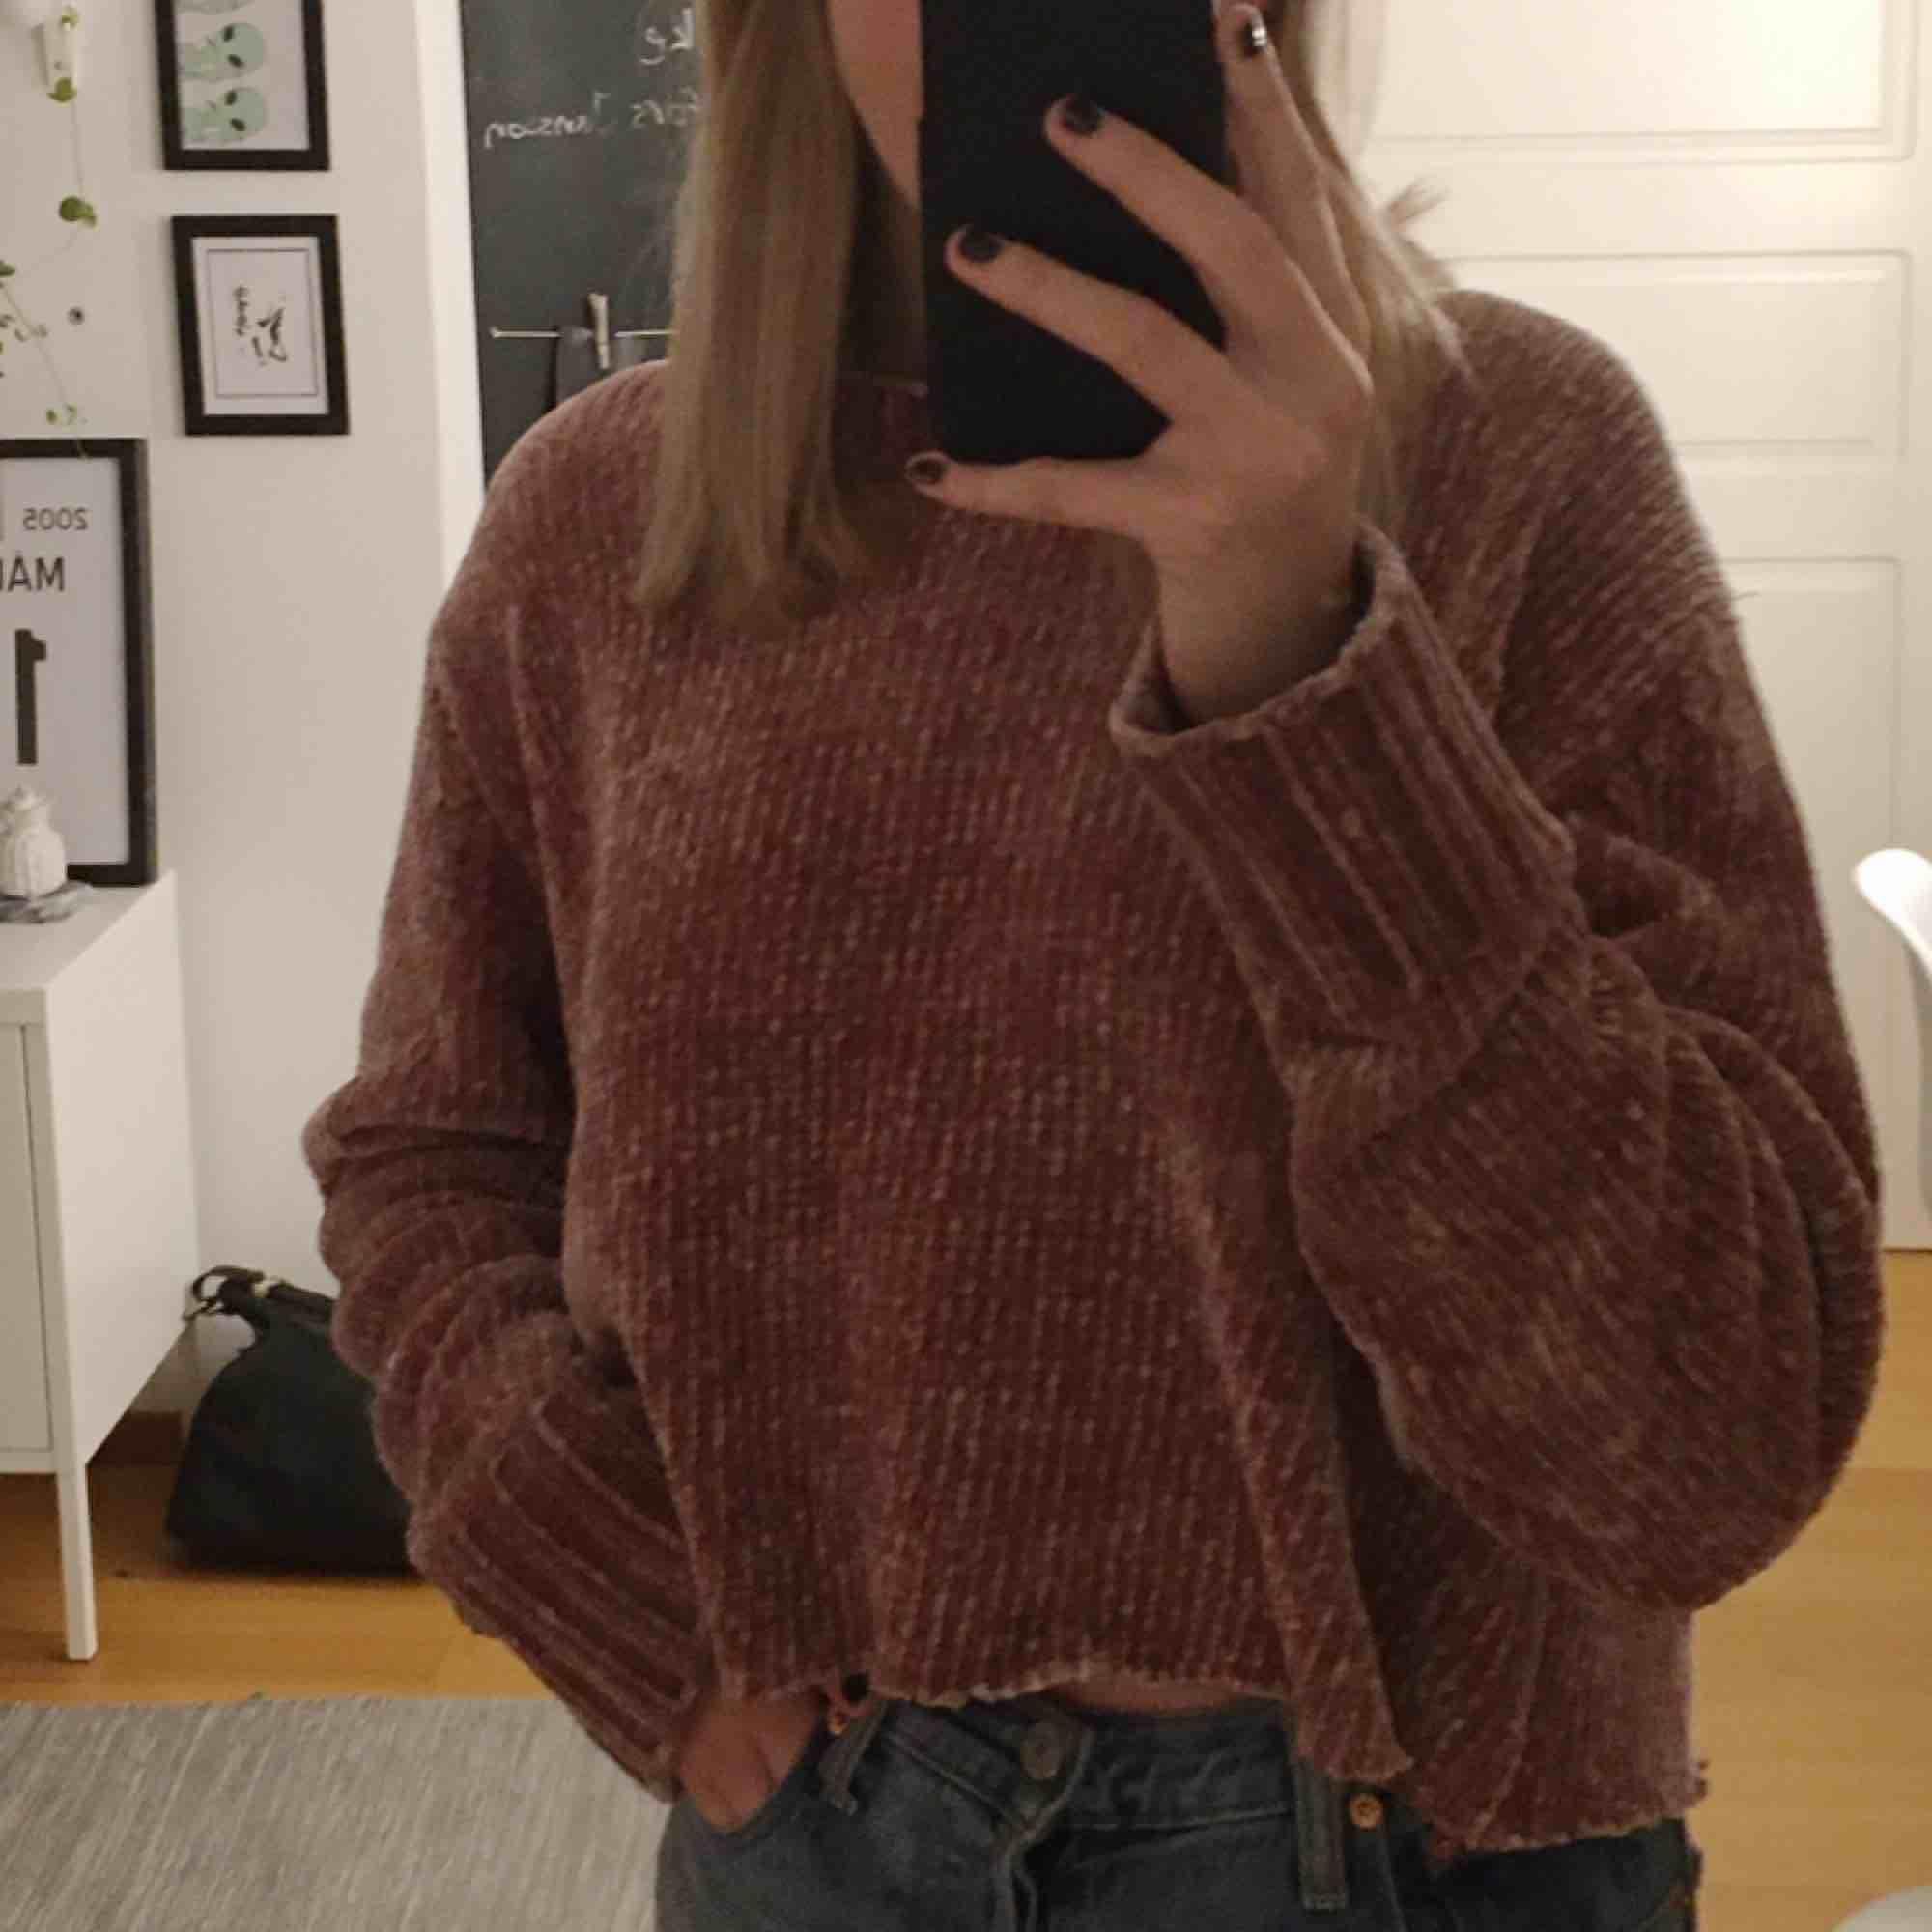 Superfin tröja som jag klippt av själv. Rosa och i sammets material.. Stickat.